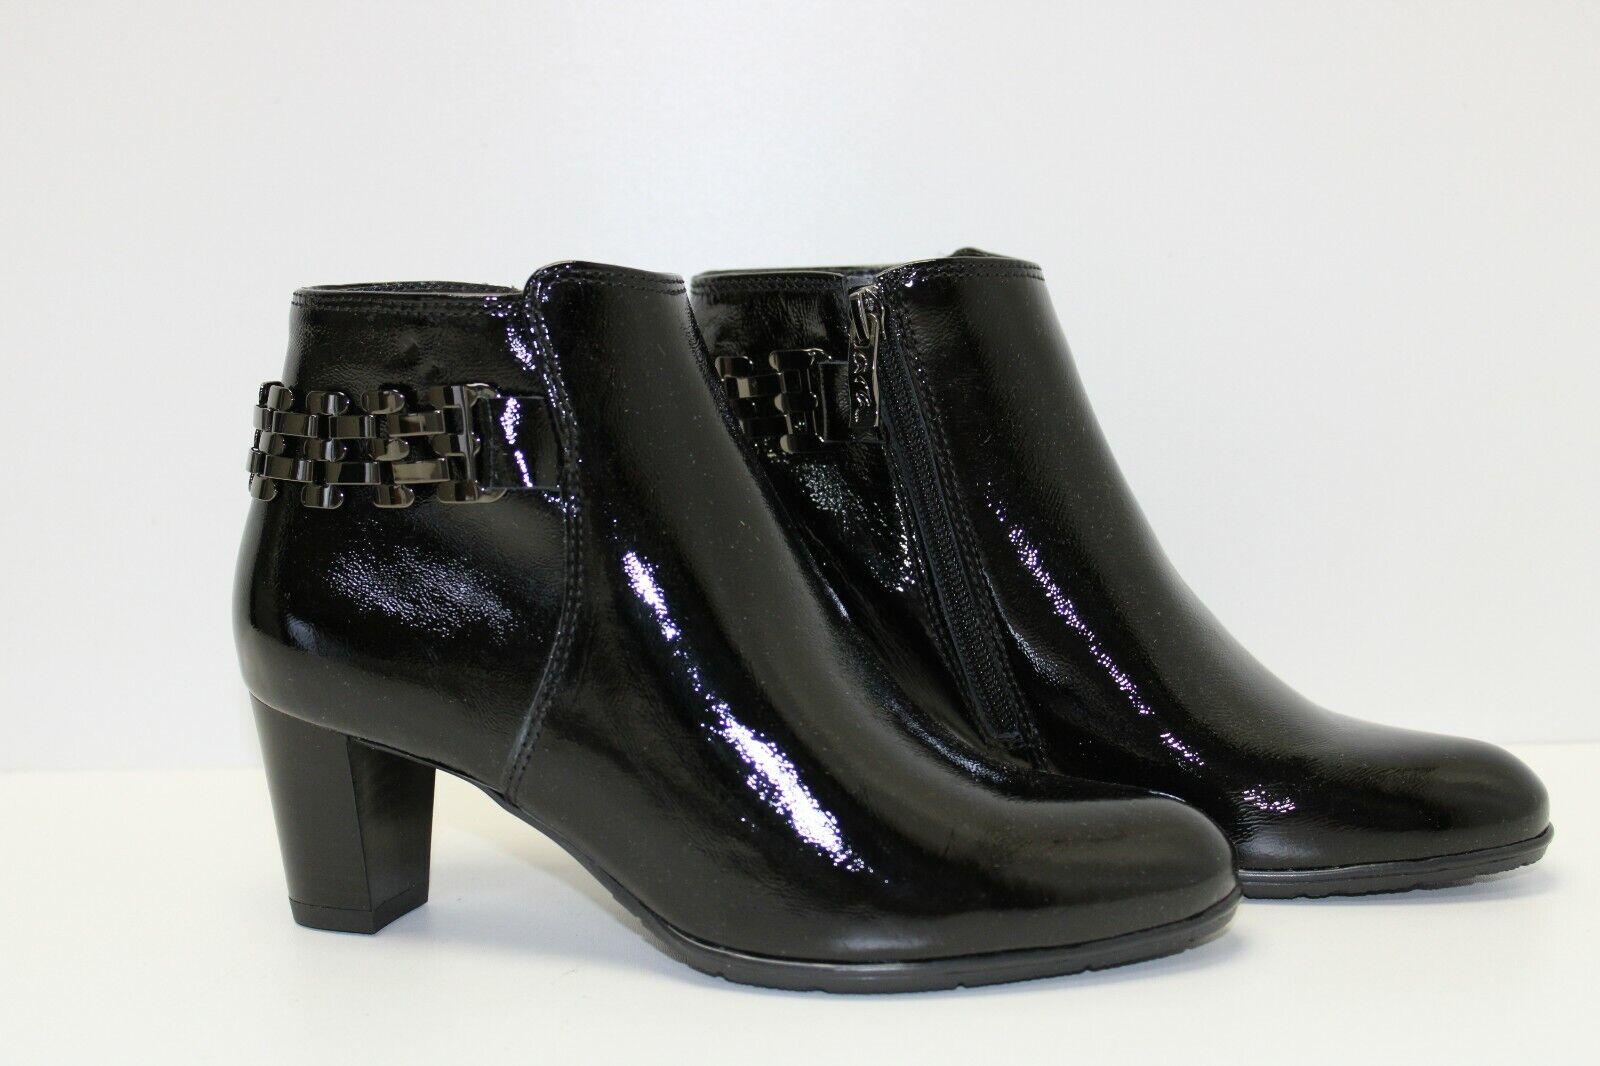 Ara Toulouse bottines femmes chaussures UK 3,5 UE 36,5 (3133 619)